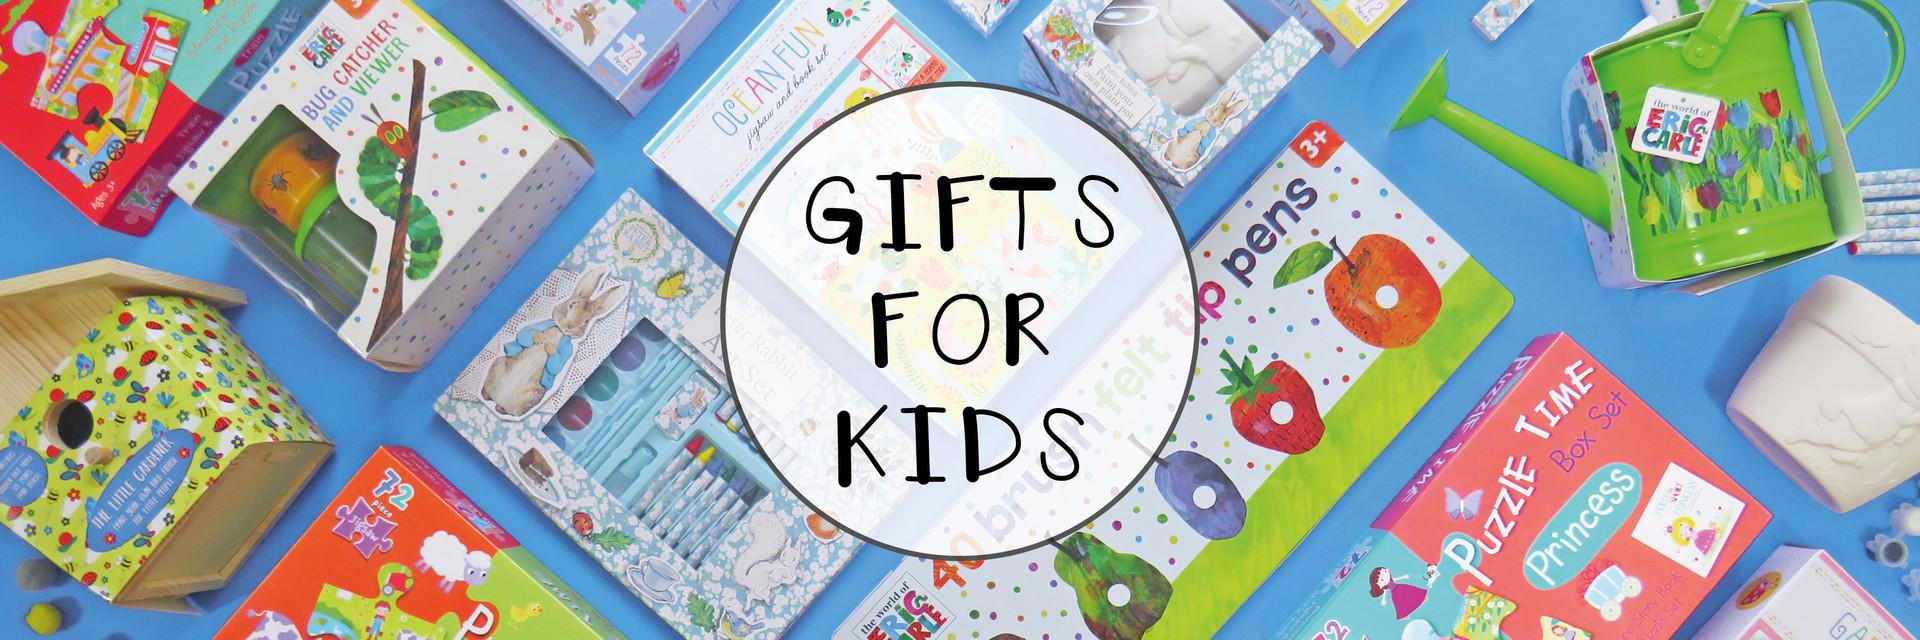 FOR KIDS.jpg